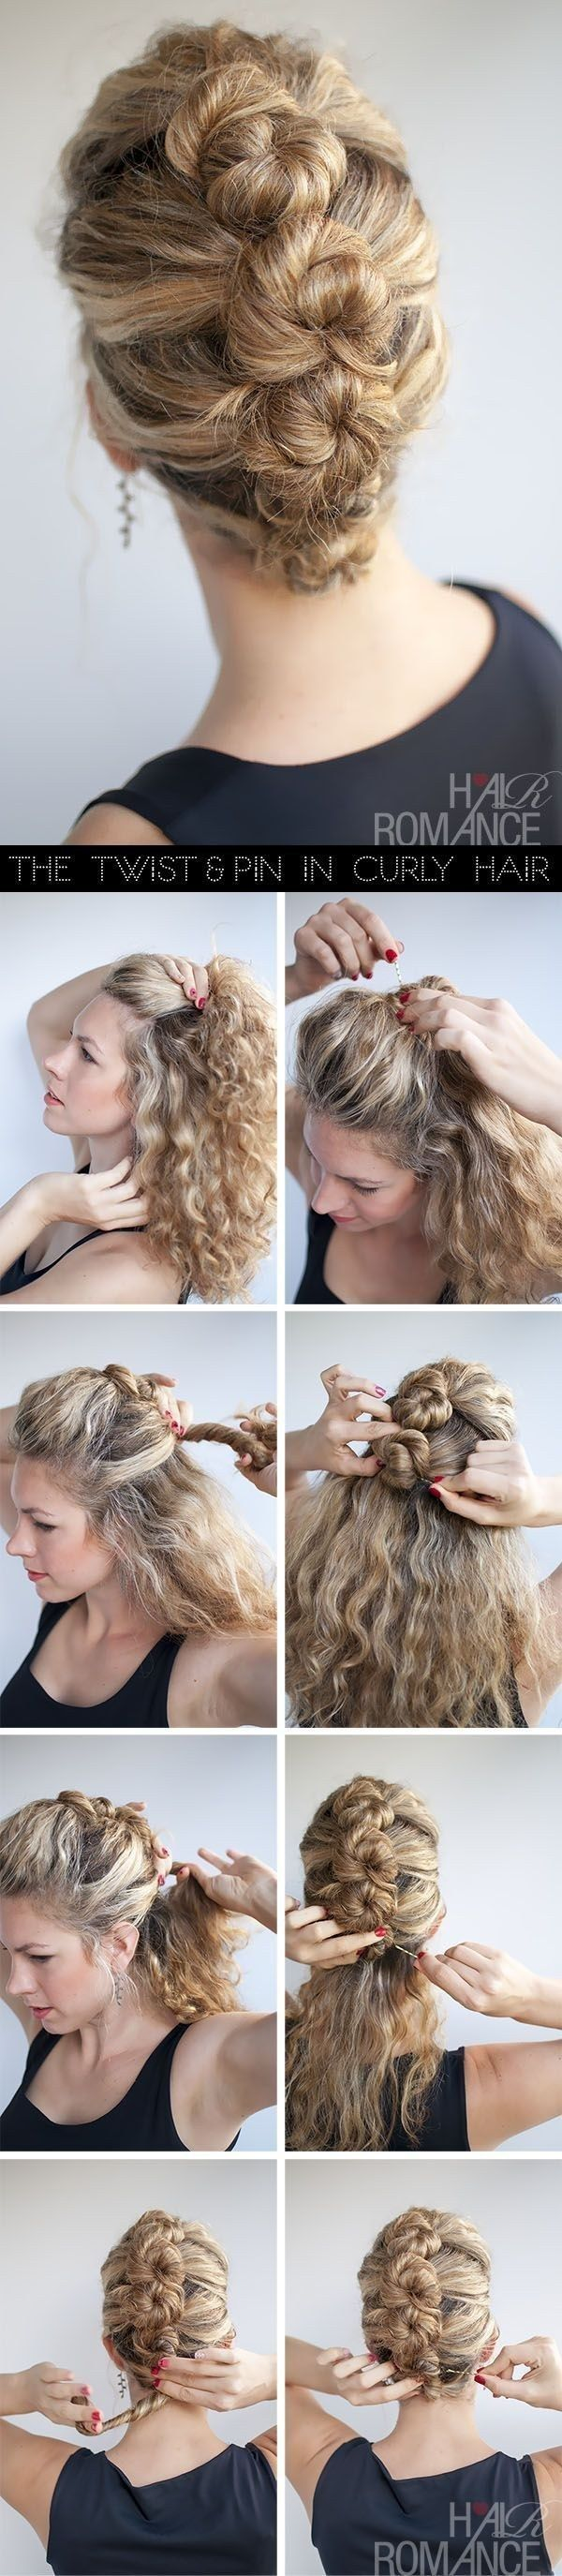 Ou, crie essa bela linha de coque para um visual fofo.   17 penteados lindos para cabelos naturalmente cacheados #ou